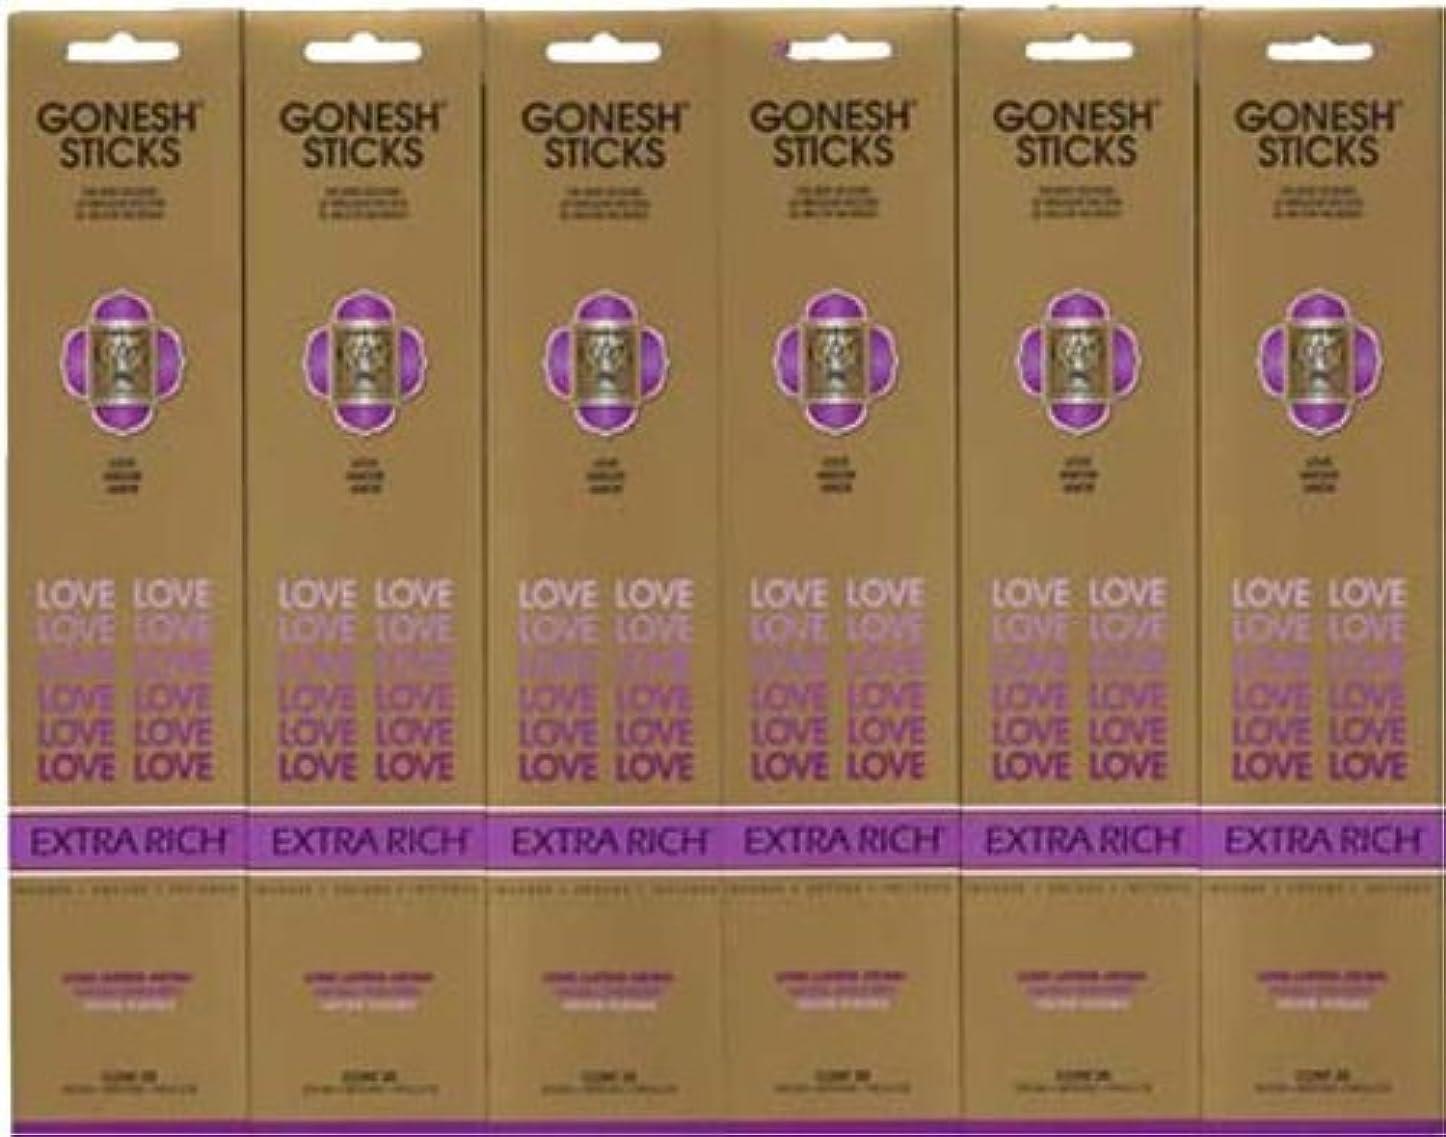 メニュー所持視力GONESH LOVE ラブ スティック 20本入り X 6パック (120本)